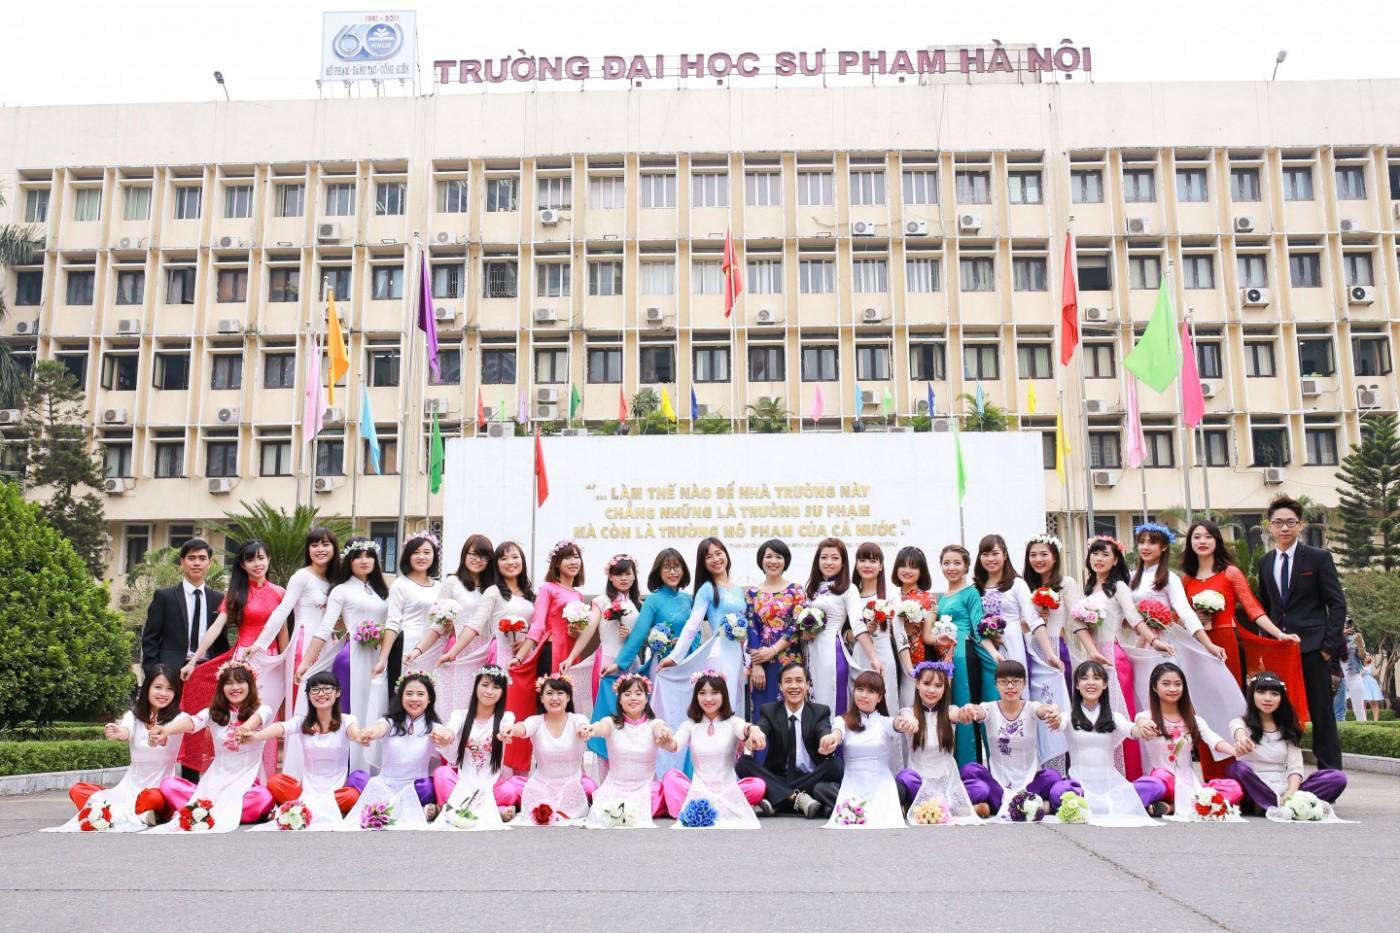 Điểm chuẩn trúng tuyển 90 ngành trường Đại học Sư phạm Hà Nội